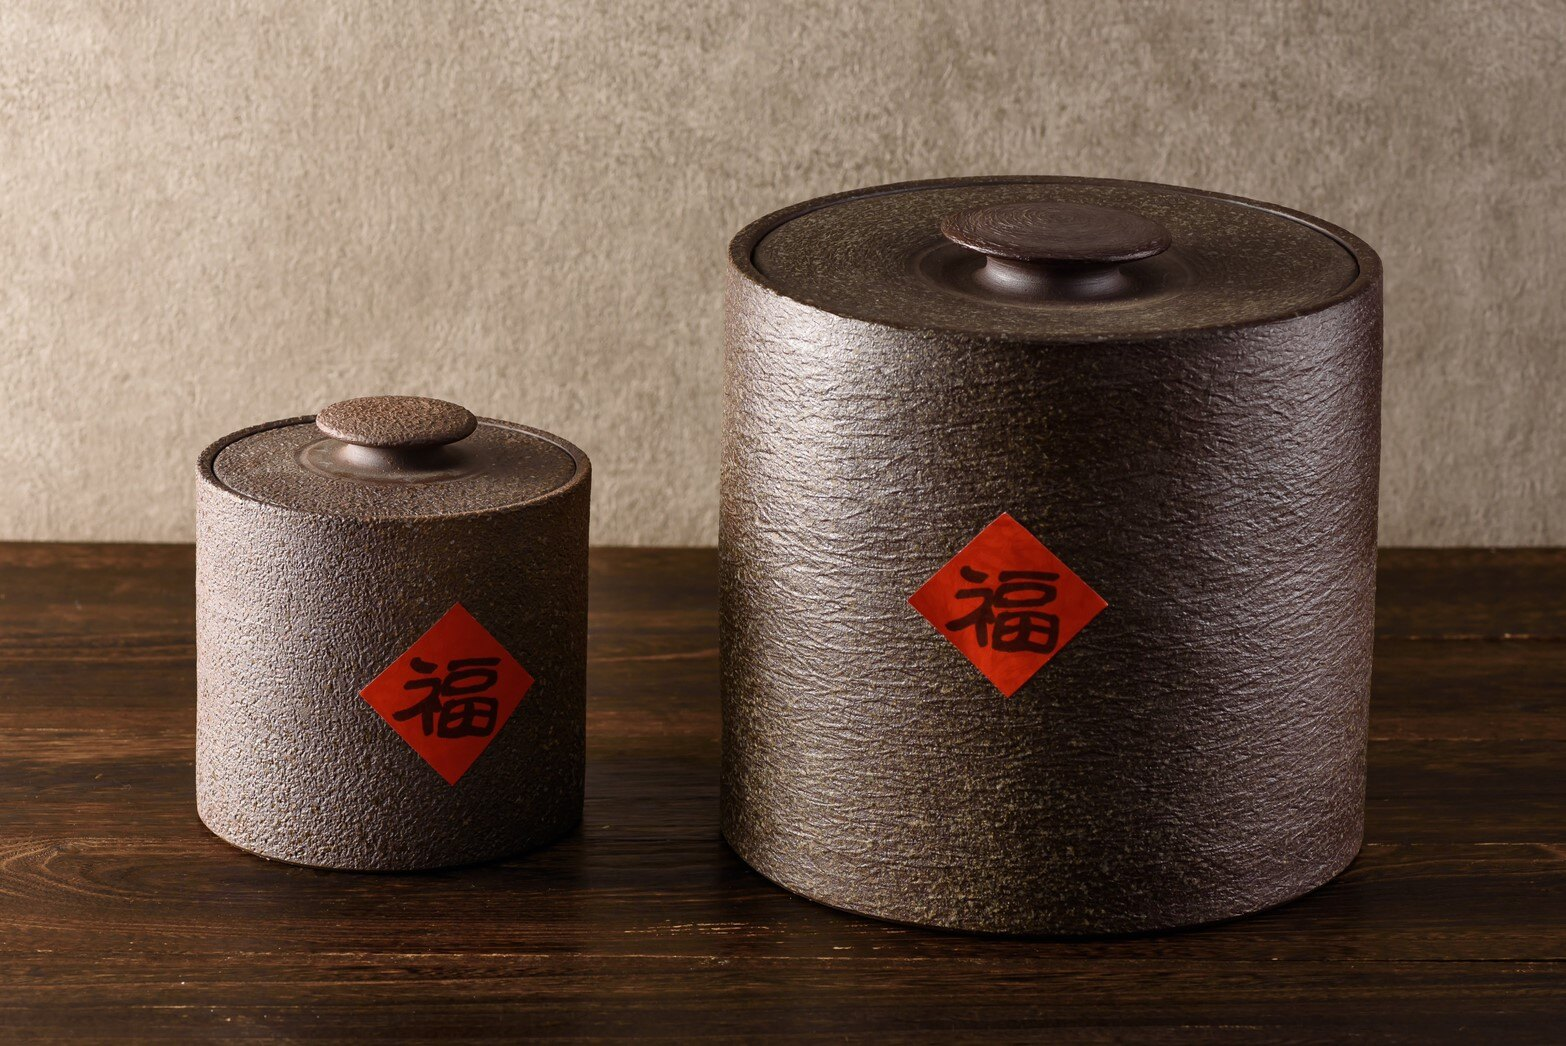 岩礦茶倉【中培火】老茶烏龍茶 (25年)~大包裝~『不含茶倉』 (5斤、10斤)